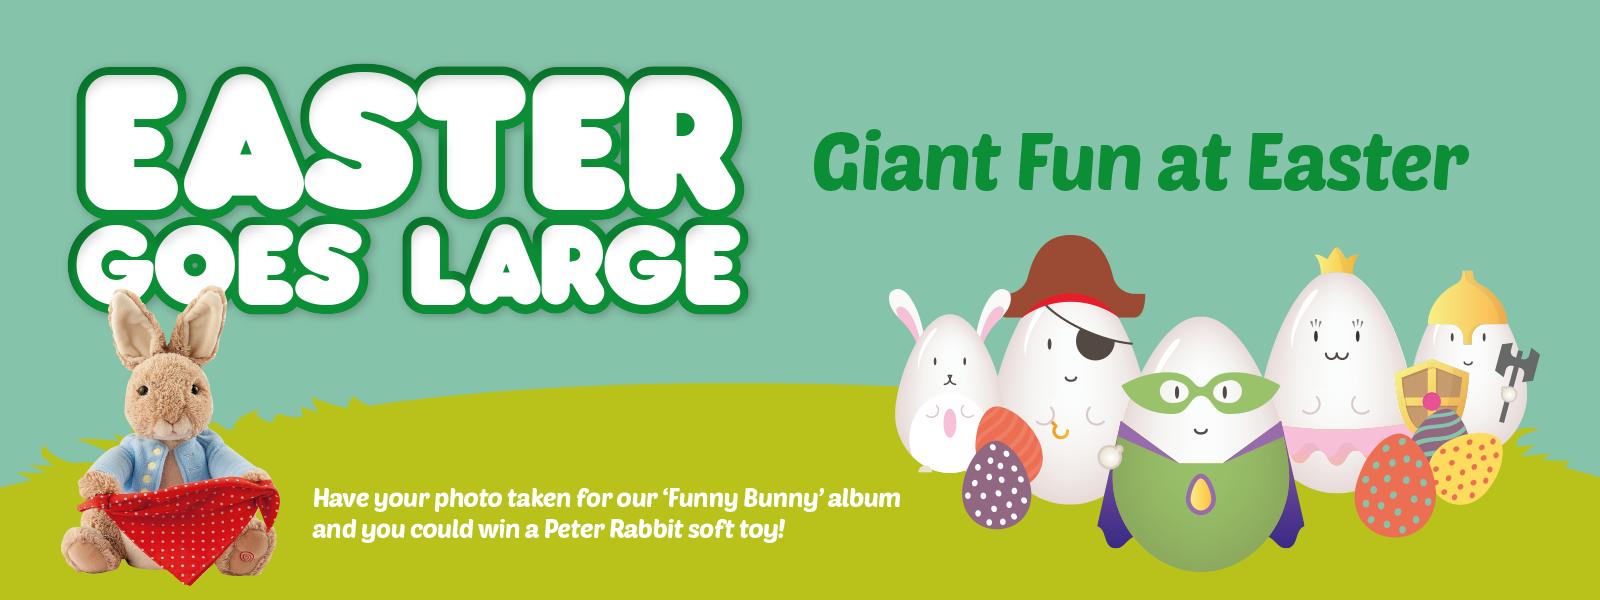 Big Fun at Easter